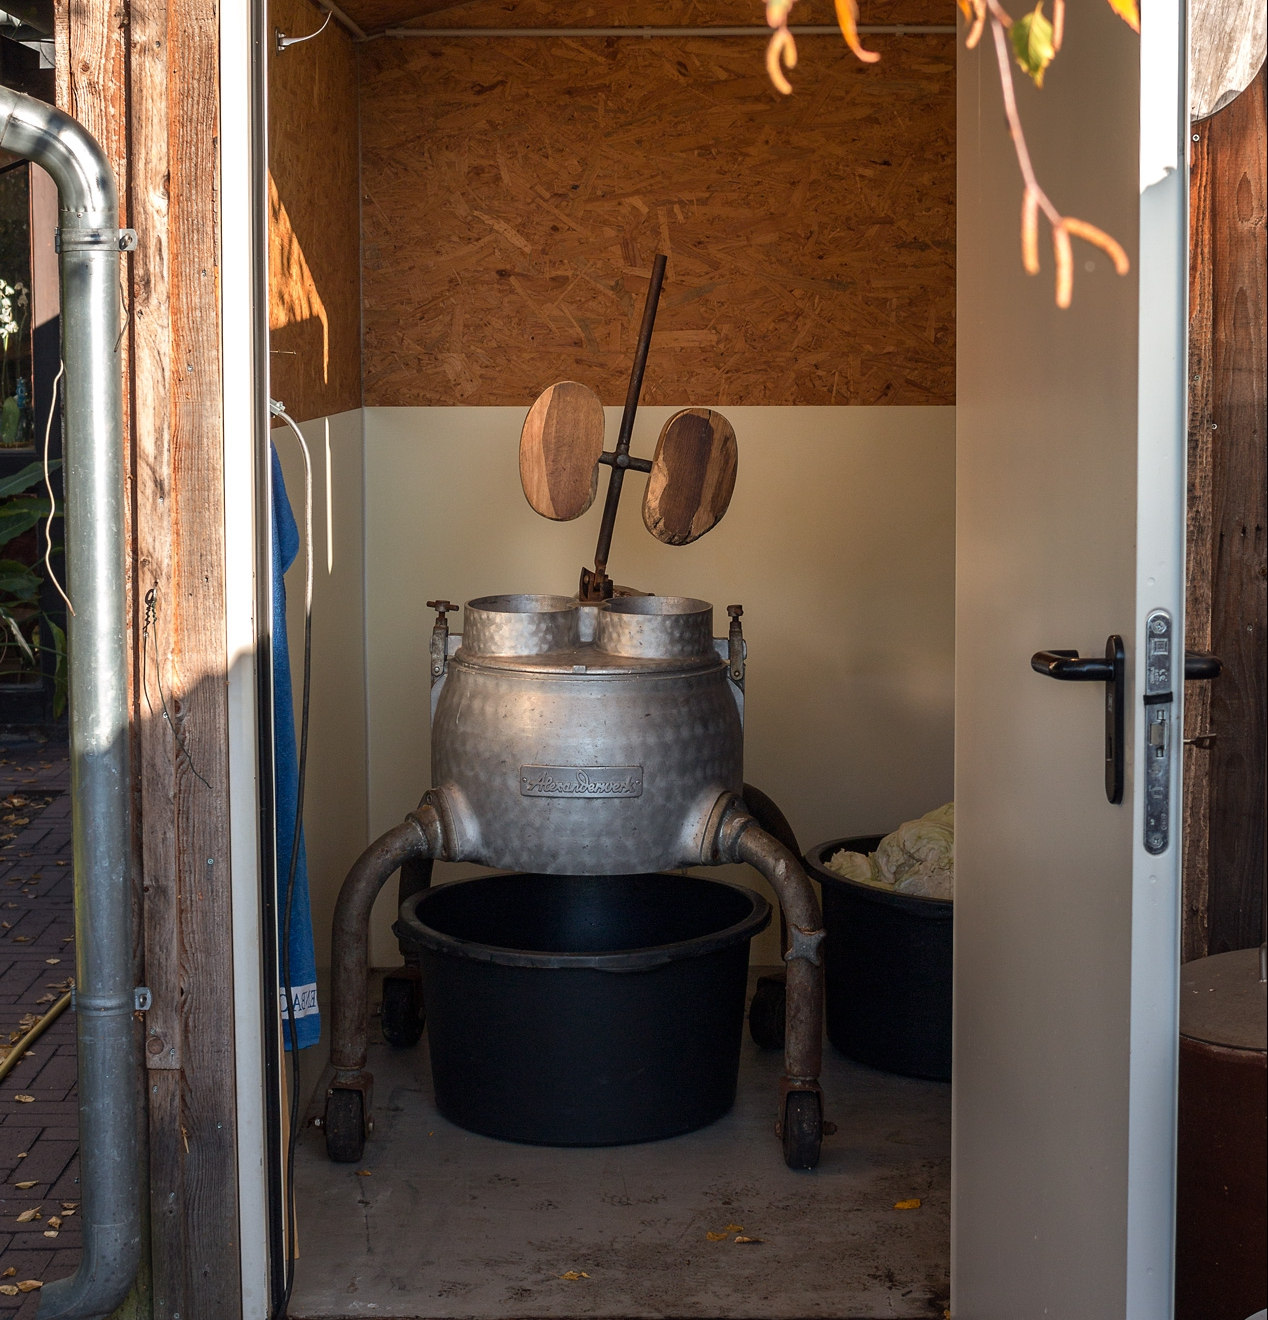 Raspelmaschine im Sauerkrauthaus